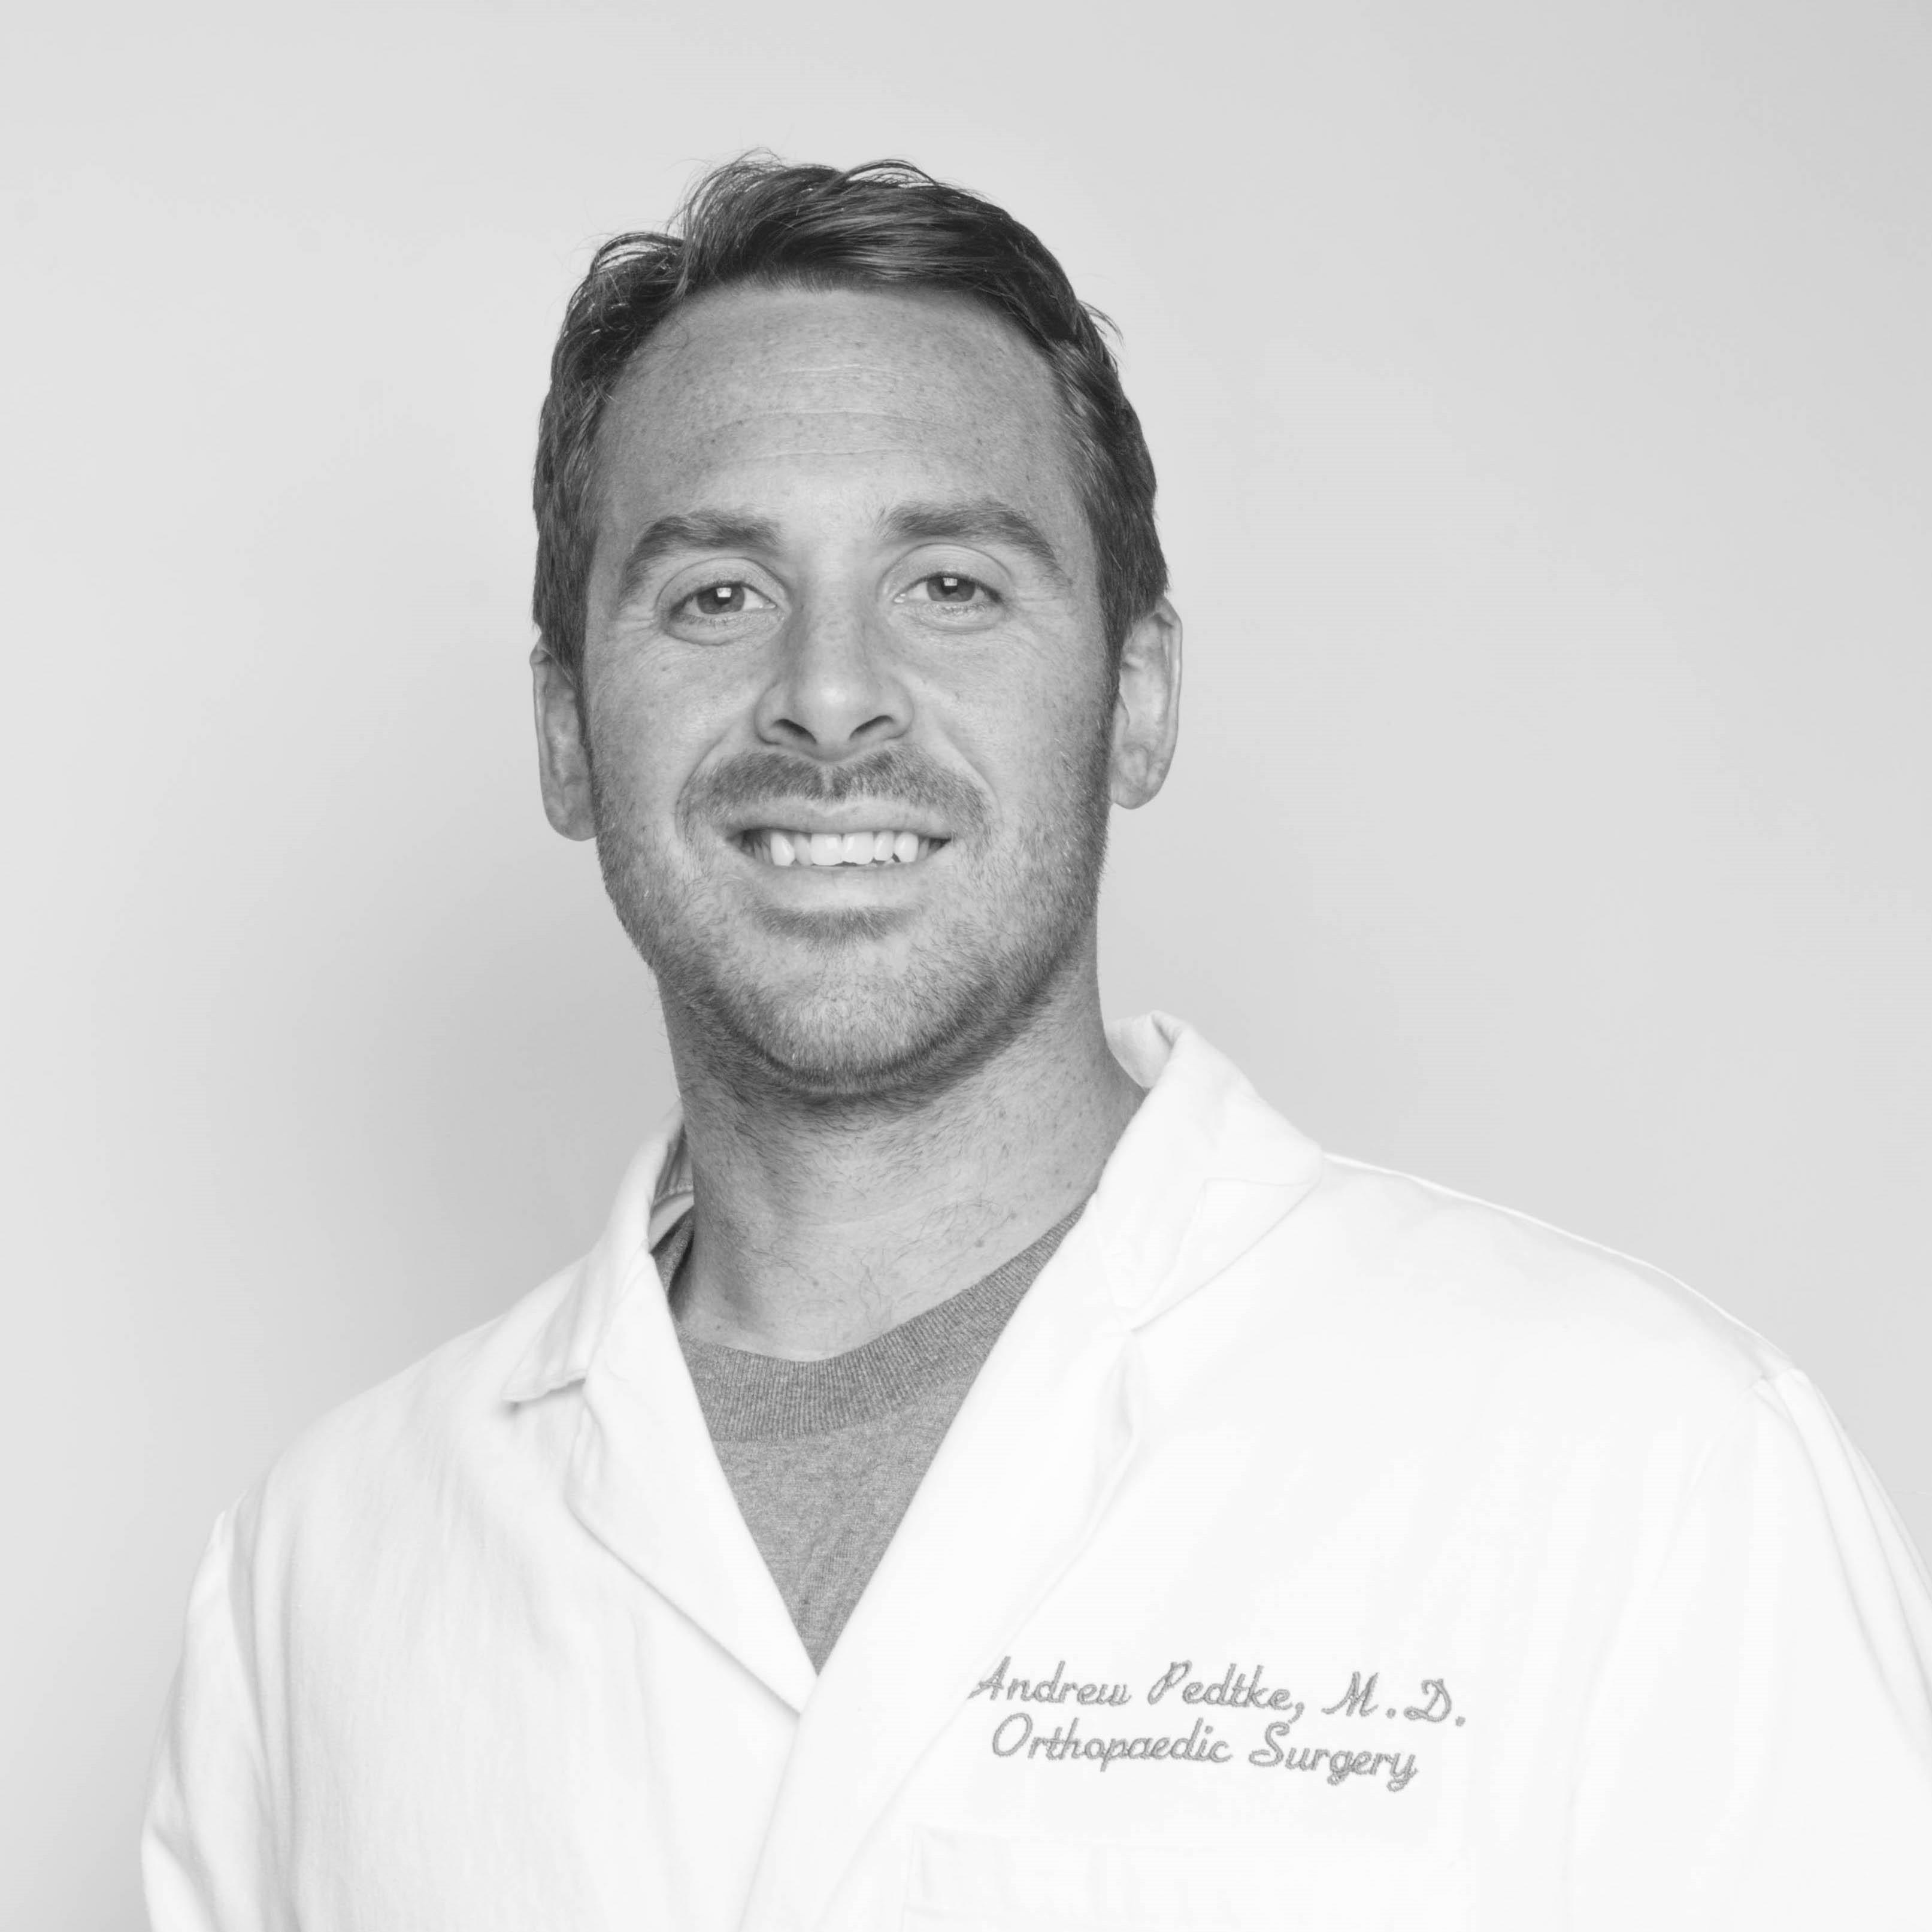 Andrew Pedtke, MD